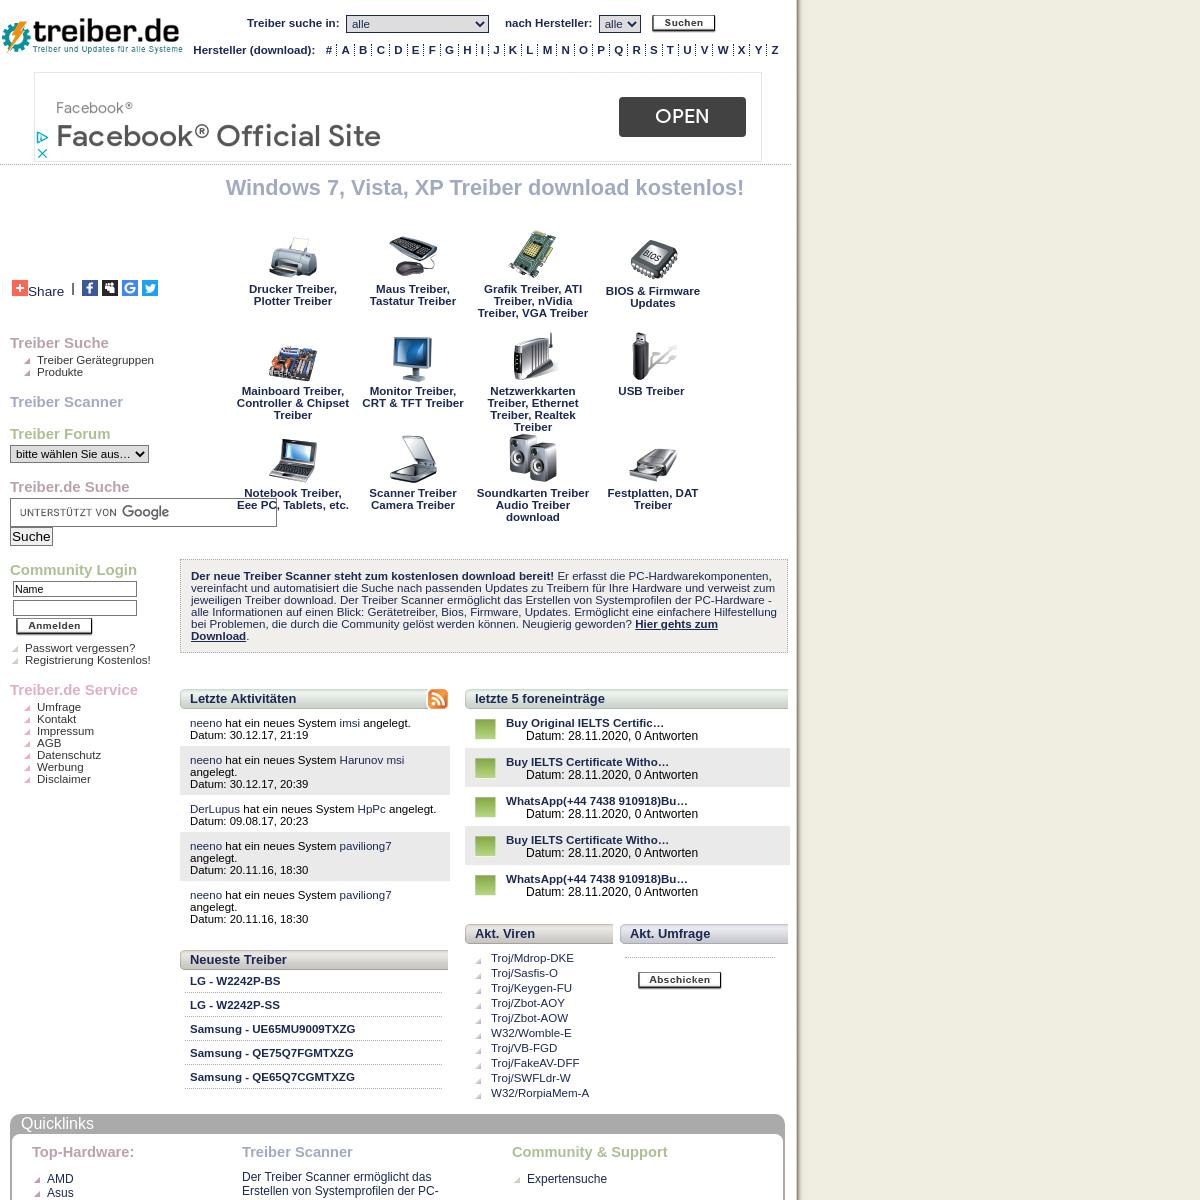 treiber.de - Treiber download und Updates für alle Systeme